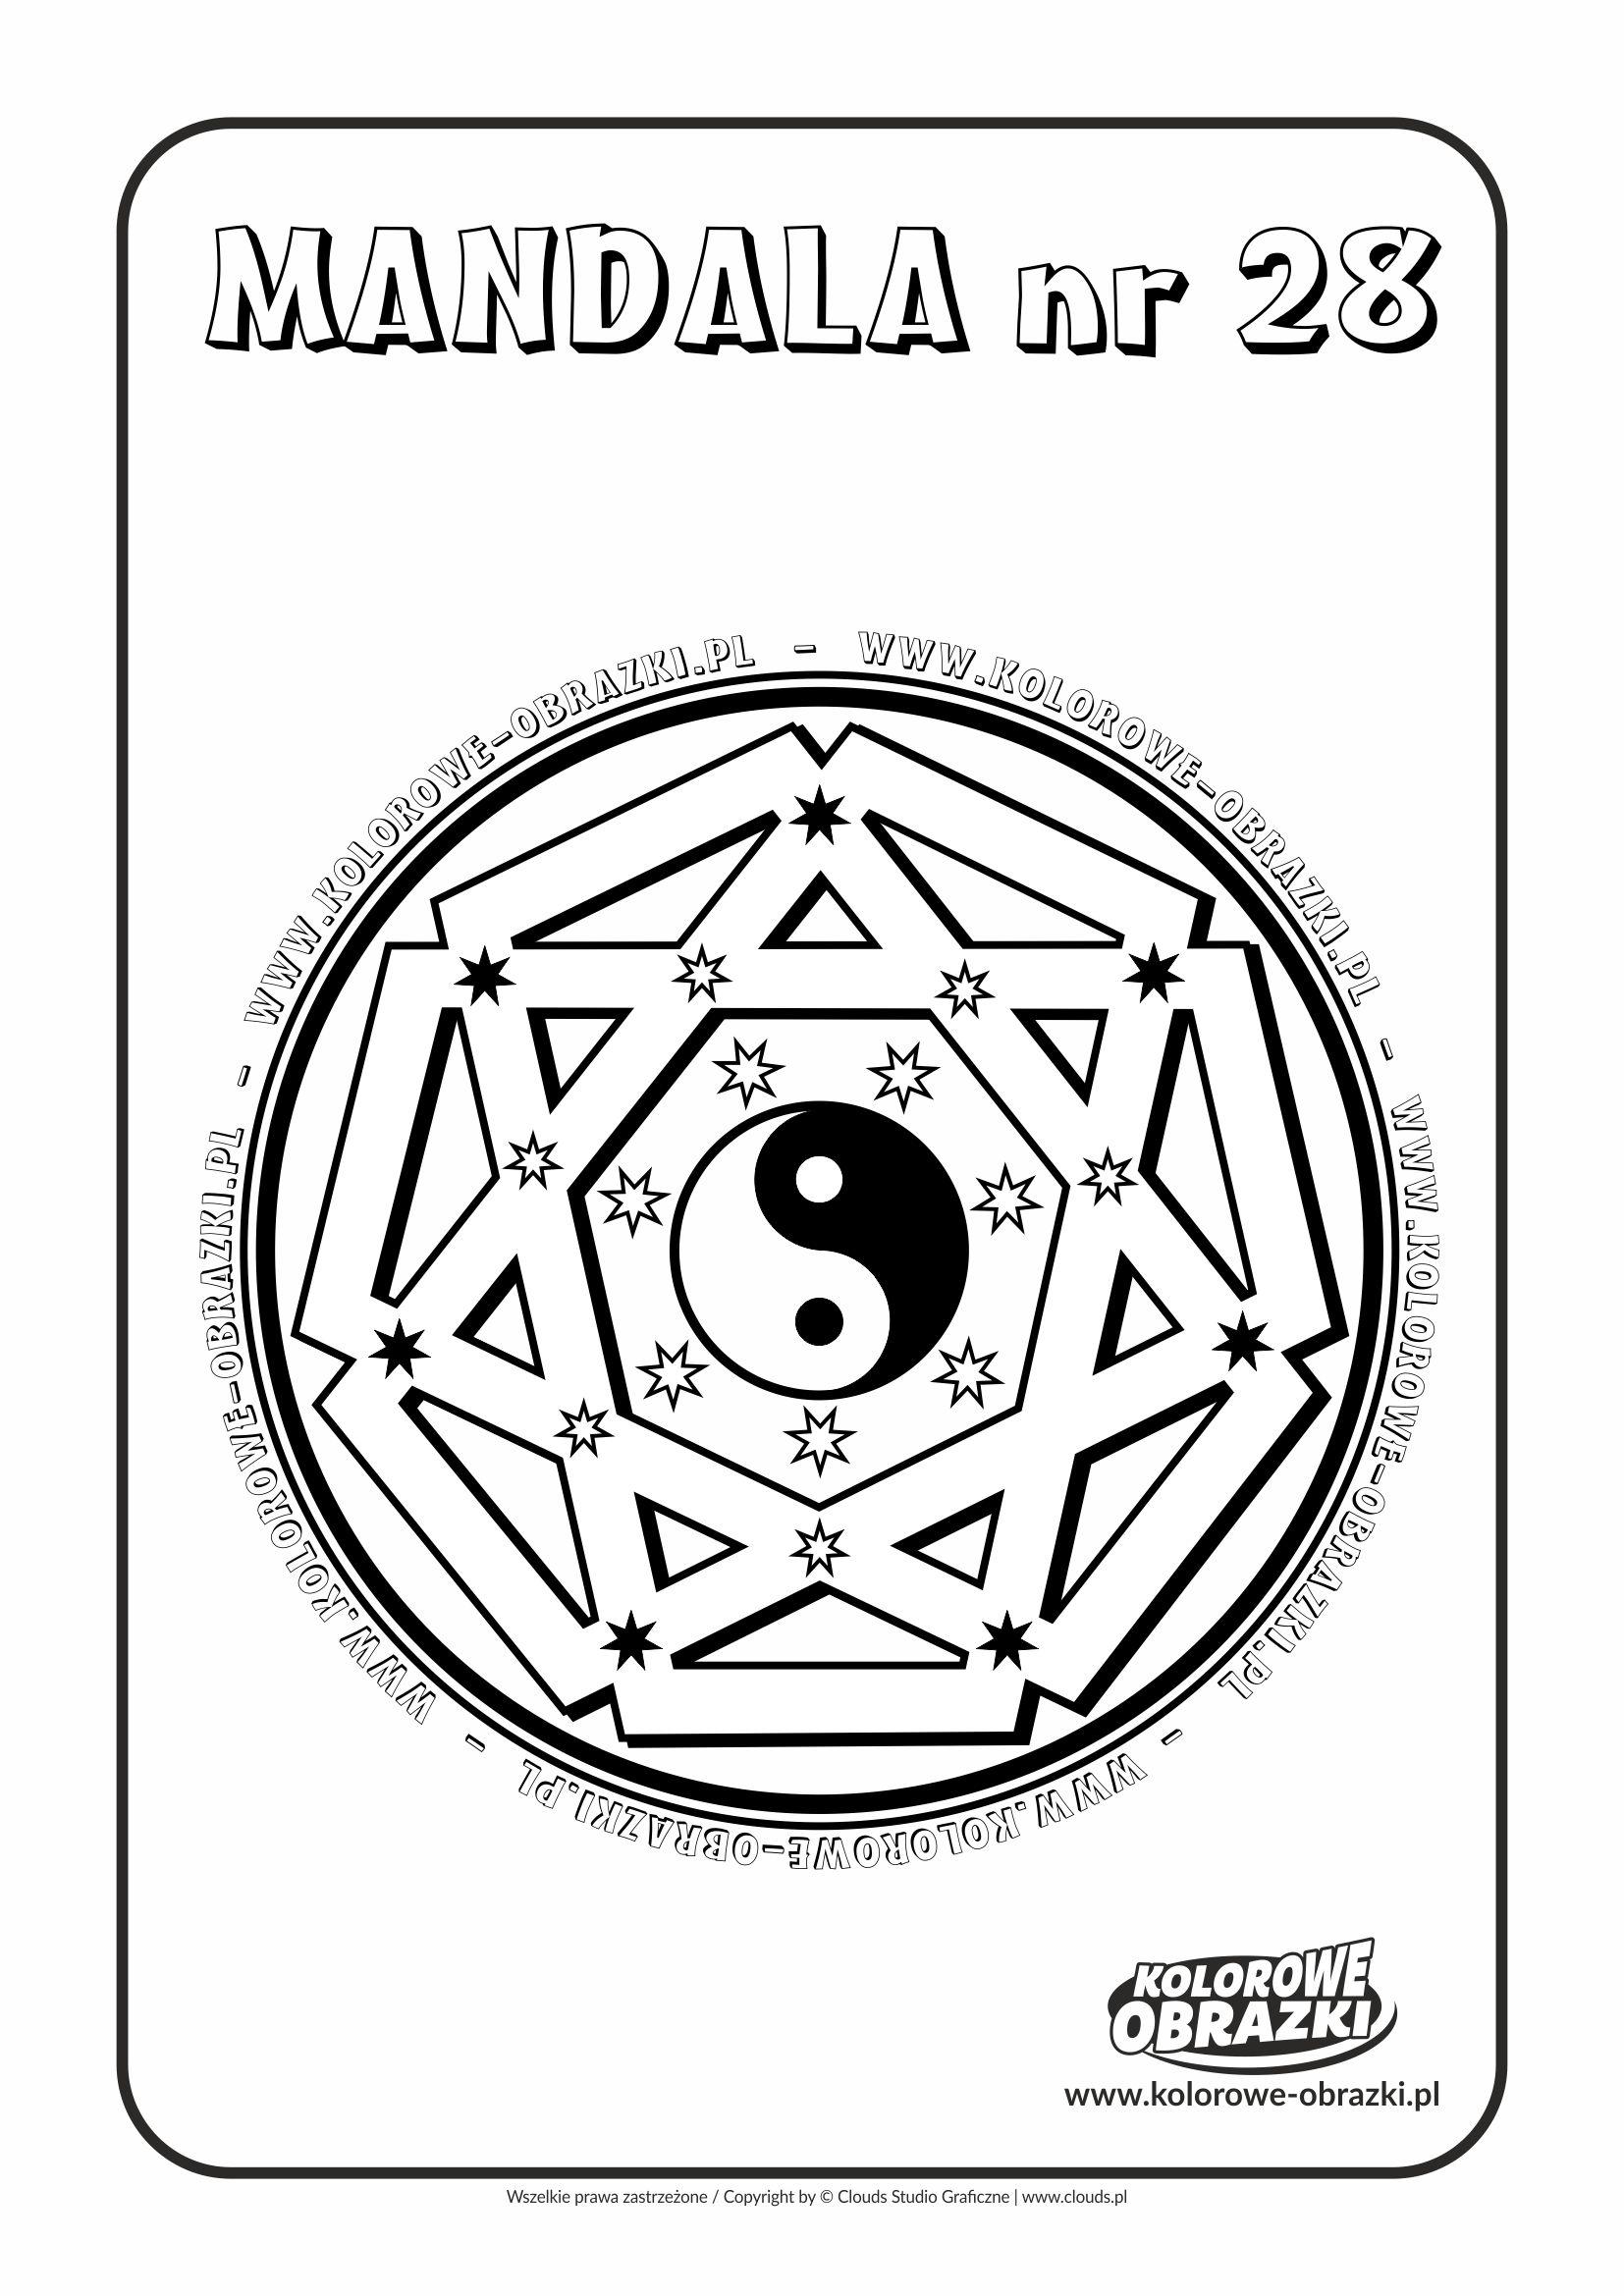 Kolorowanki dla dzieci - Mandale / Mandala nr 28. Kolorowanka z mandalą